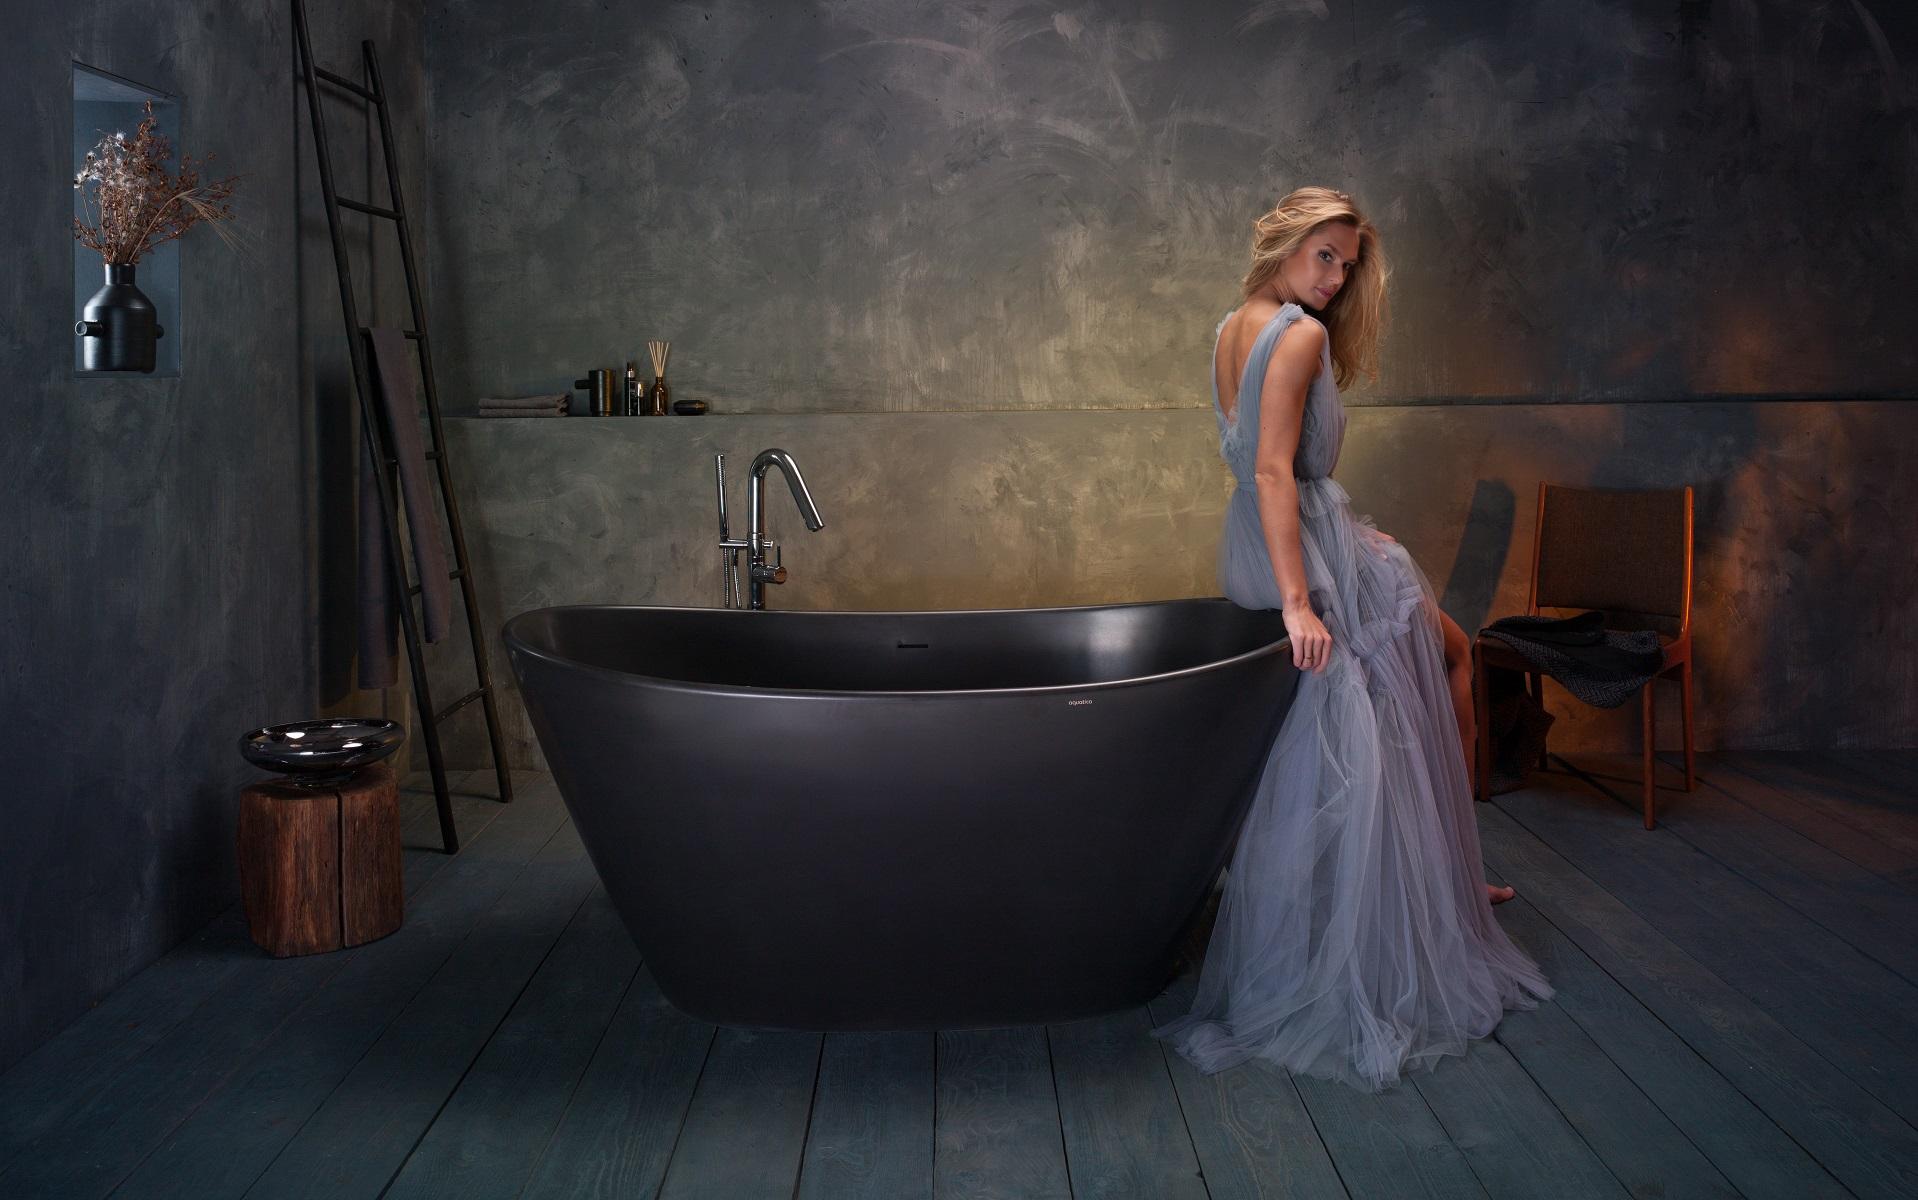 purescape 748 bm par aquatica baignoire autoportante en pierre surface solide noir mat. Black Bedroom Furniture Sets. Home Design Ideas